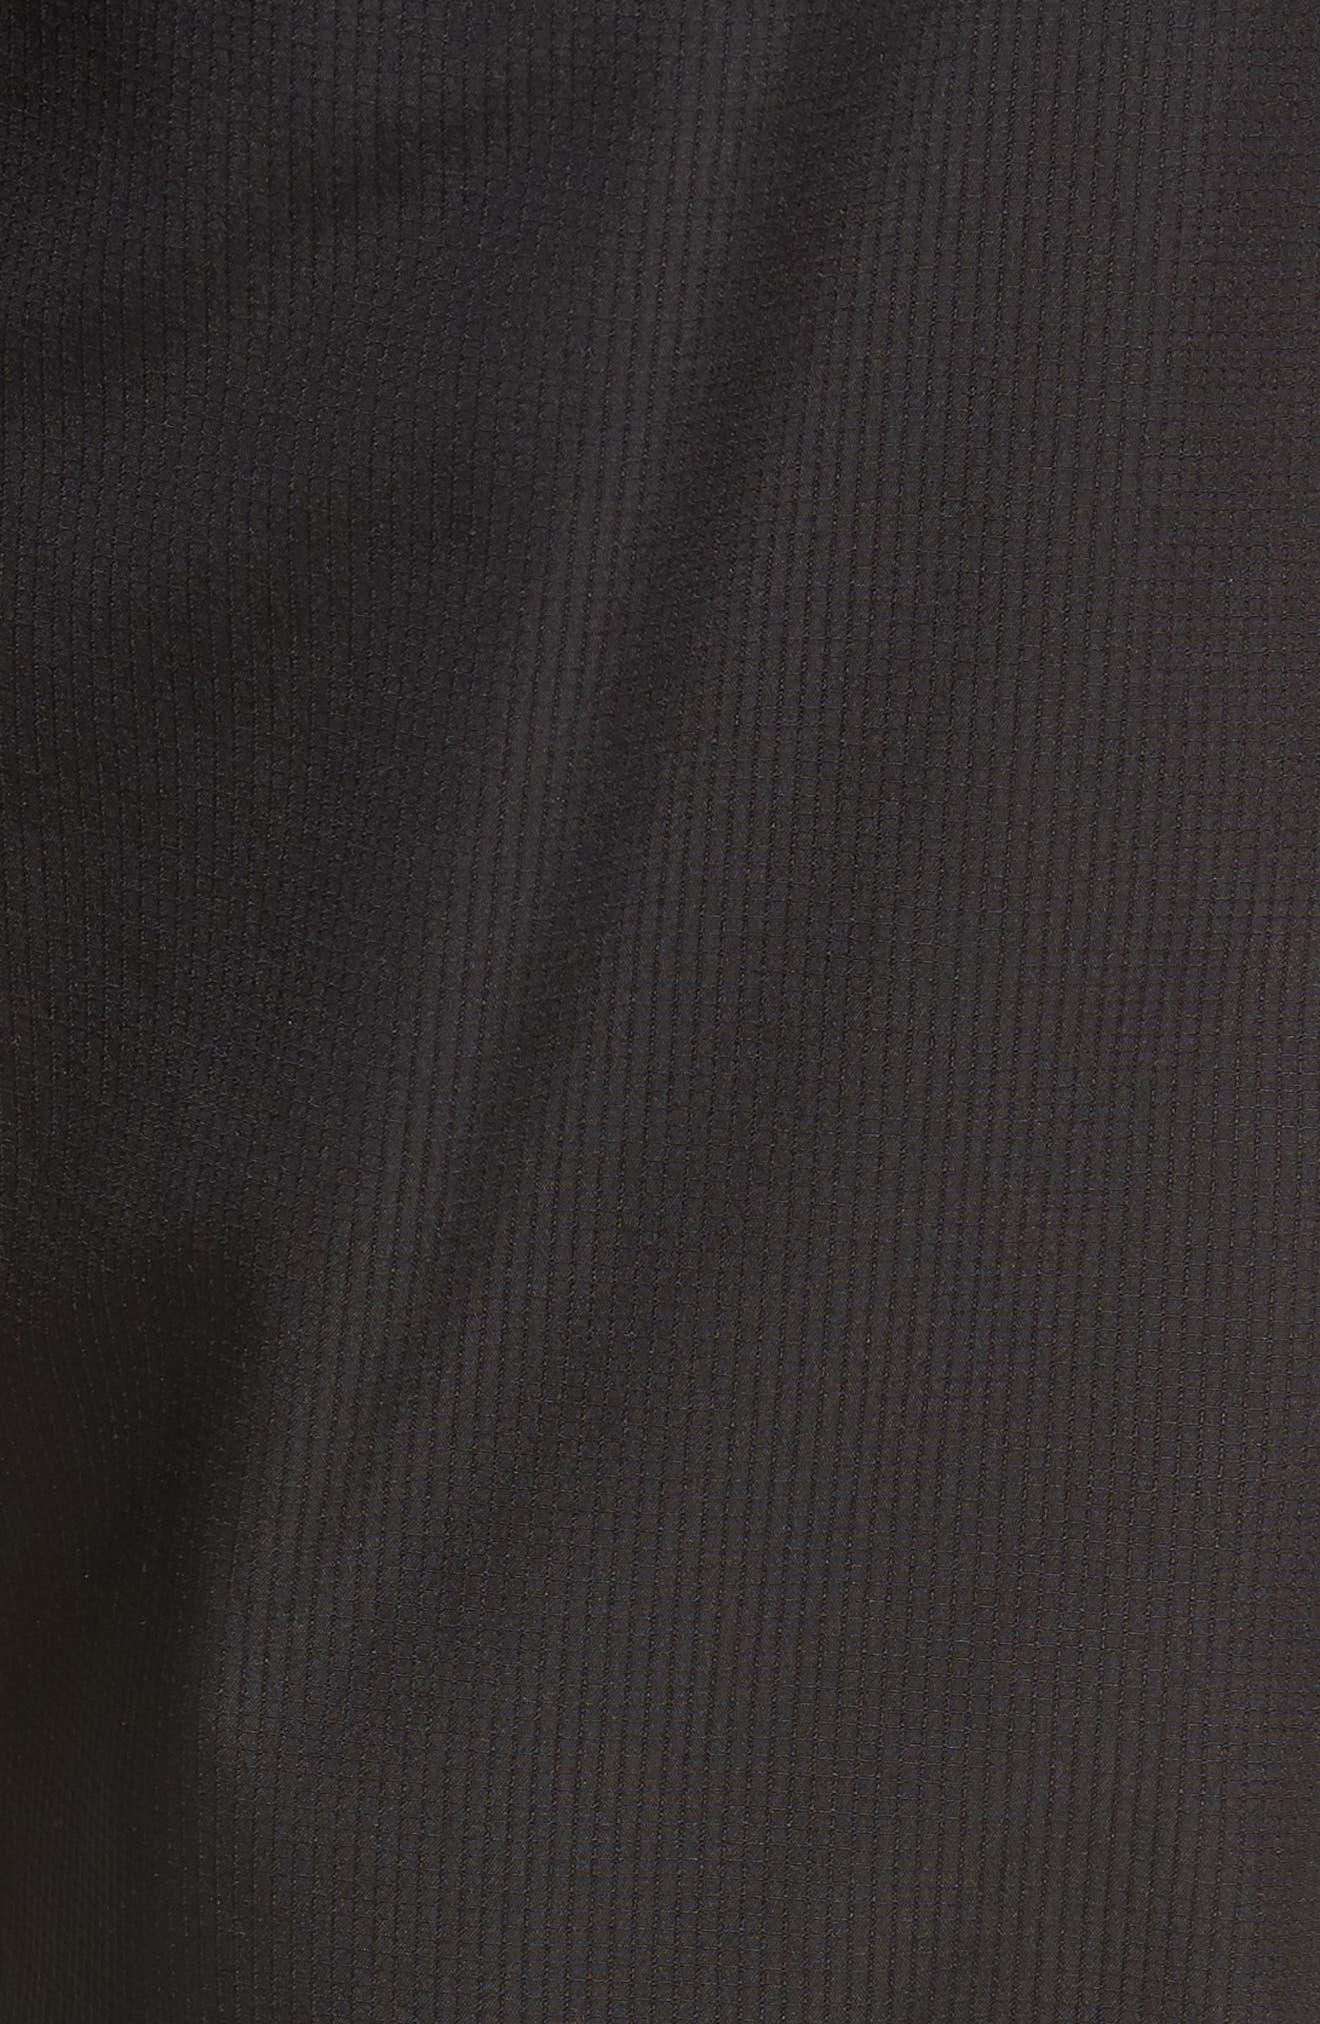 Authentics Track Pants,                             Alternate thumbnail 5, color,                             001